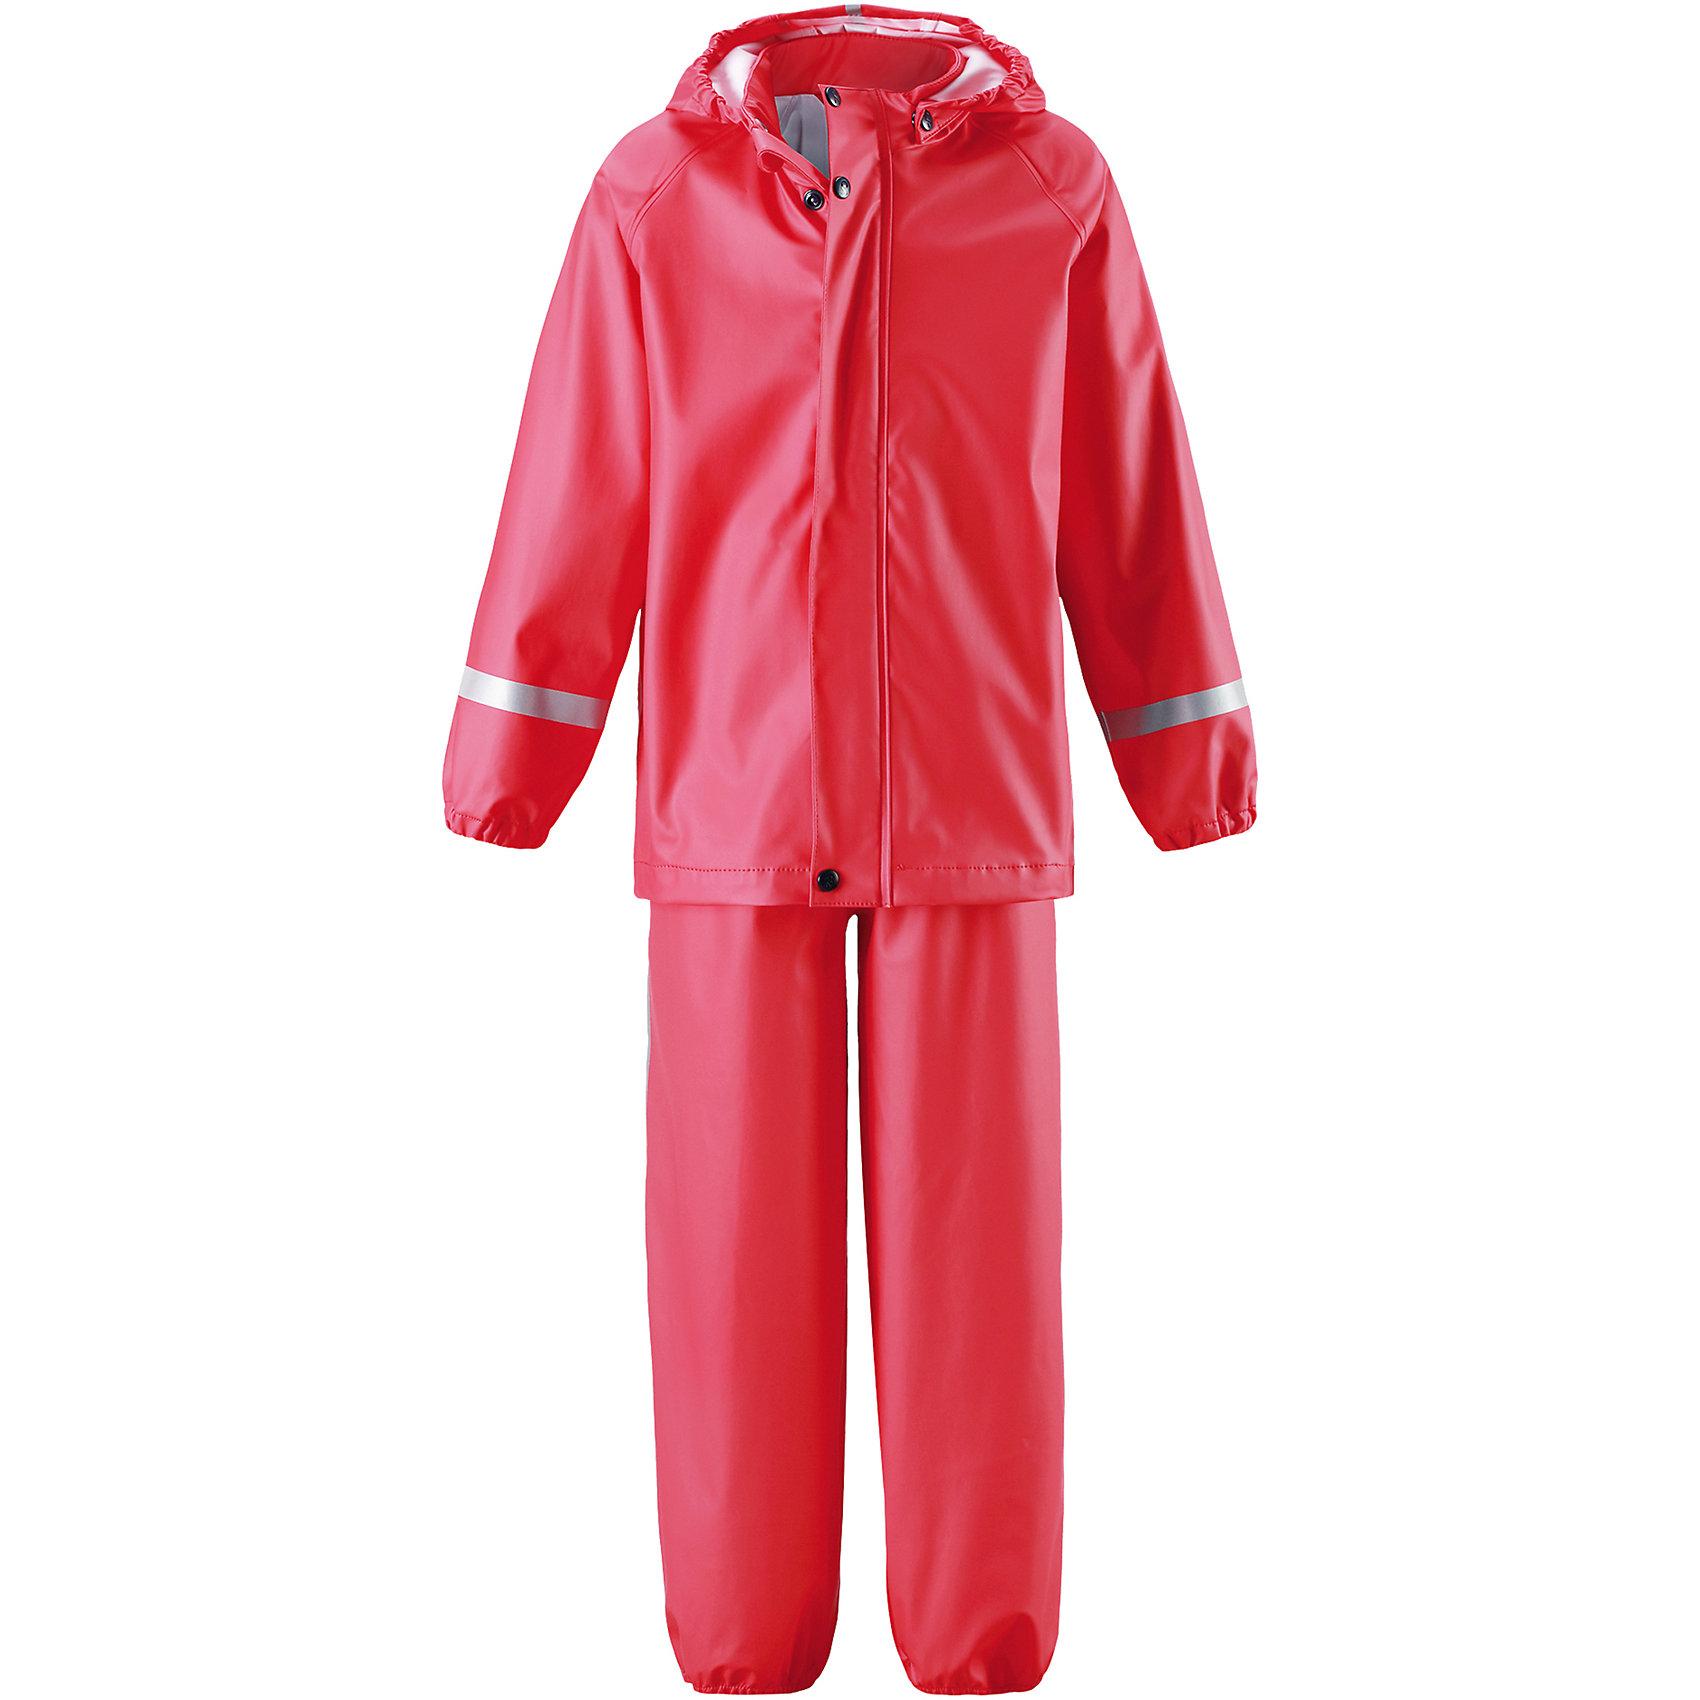 Непромокаемый комплект Viima: куртка и брюки для девочки ReimaОдежда<br>Характеристики товара:<br><br>• цвет: красный<br>• состав: 100% полиэстер, полиуретановое покрытие<br>• температурный режим: от +10°до +20°С<br>• водонепроницаемость: 10000 мм<br>• без утеплителя<br>• комплектация: куртка, штаны<br>• эластичный материал<br>• водонепроницаемый материал с запаянными швами<br>• не содержит ПВХ<br>• безопасный съемный капюшон<br>• эластичные манжеты <br>• обхват талии эластичный<br>• эластичные манжеты на брючинах<br>• комфортная посадка<br>• съемные штрипки в размерах от 104 до 128 см<br>• молния спереди<br>• светоотражающие детали<br>• страна производства: Китай<br>• страна бренда: Финляндия<br>• коллекция: весна-лето 2017<br><br>Демисезонный комплект из куртки и штанов поможет обеспечить ребенку комфорт и тепло. Предметы отлично смотрятся с различной одеждой. Комплект удобно сидит и модно выглядит. Материал отлично подходит для дождливой погоды. Стильный дизайн разрабатывался специально для детей.<br><br>Обувь и одежда от финского бренда Reima пользуются популярностью во многих странах. Они стильные, качественные и удобные. Для производства продукции используются только безопасные, проверенные материалы и фурнитура. Порадуйте ребенка модными и красивыми вещами от Lassie®! <br><br>Комплект: куртка и брюки для мальчика от финского бренда Reima (Рейма) можно купить в нашем интернет-магазине.<br><br>Ширина мм: 356<br>Глубина мм: 10<br>Высота мм: 245<br>Вес г: 519<br>Цвет: красный<br>Возраст от месяцев: 96<br>Возраст до месяцев: 108<br>Пол: Женский<br>Возраст: Детский<br>Размер: 134,140,116,122,128<br>SKU: 5268222